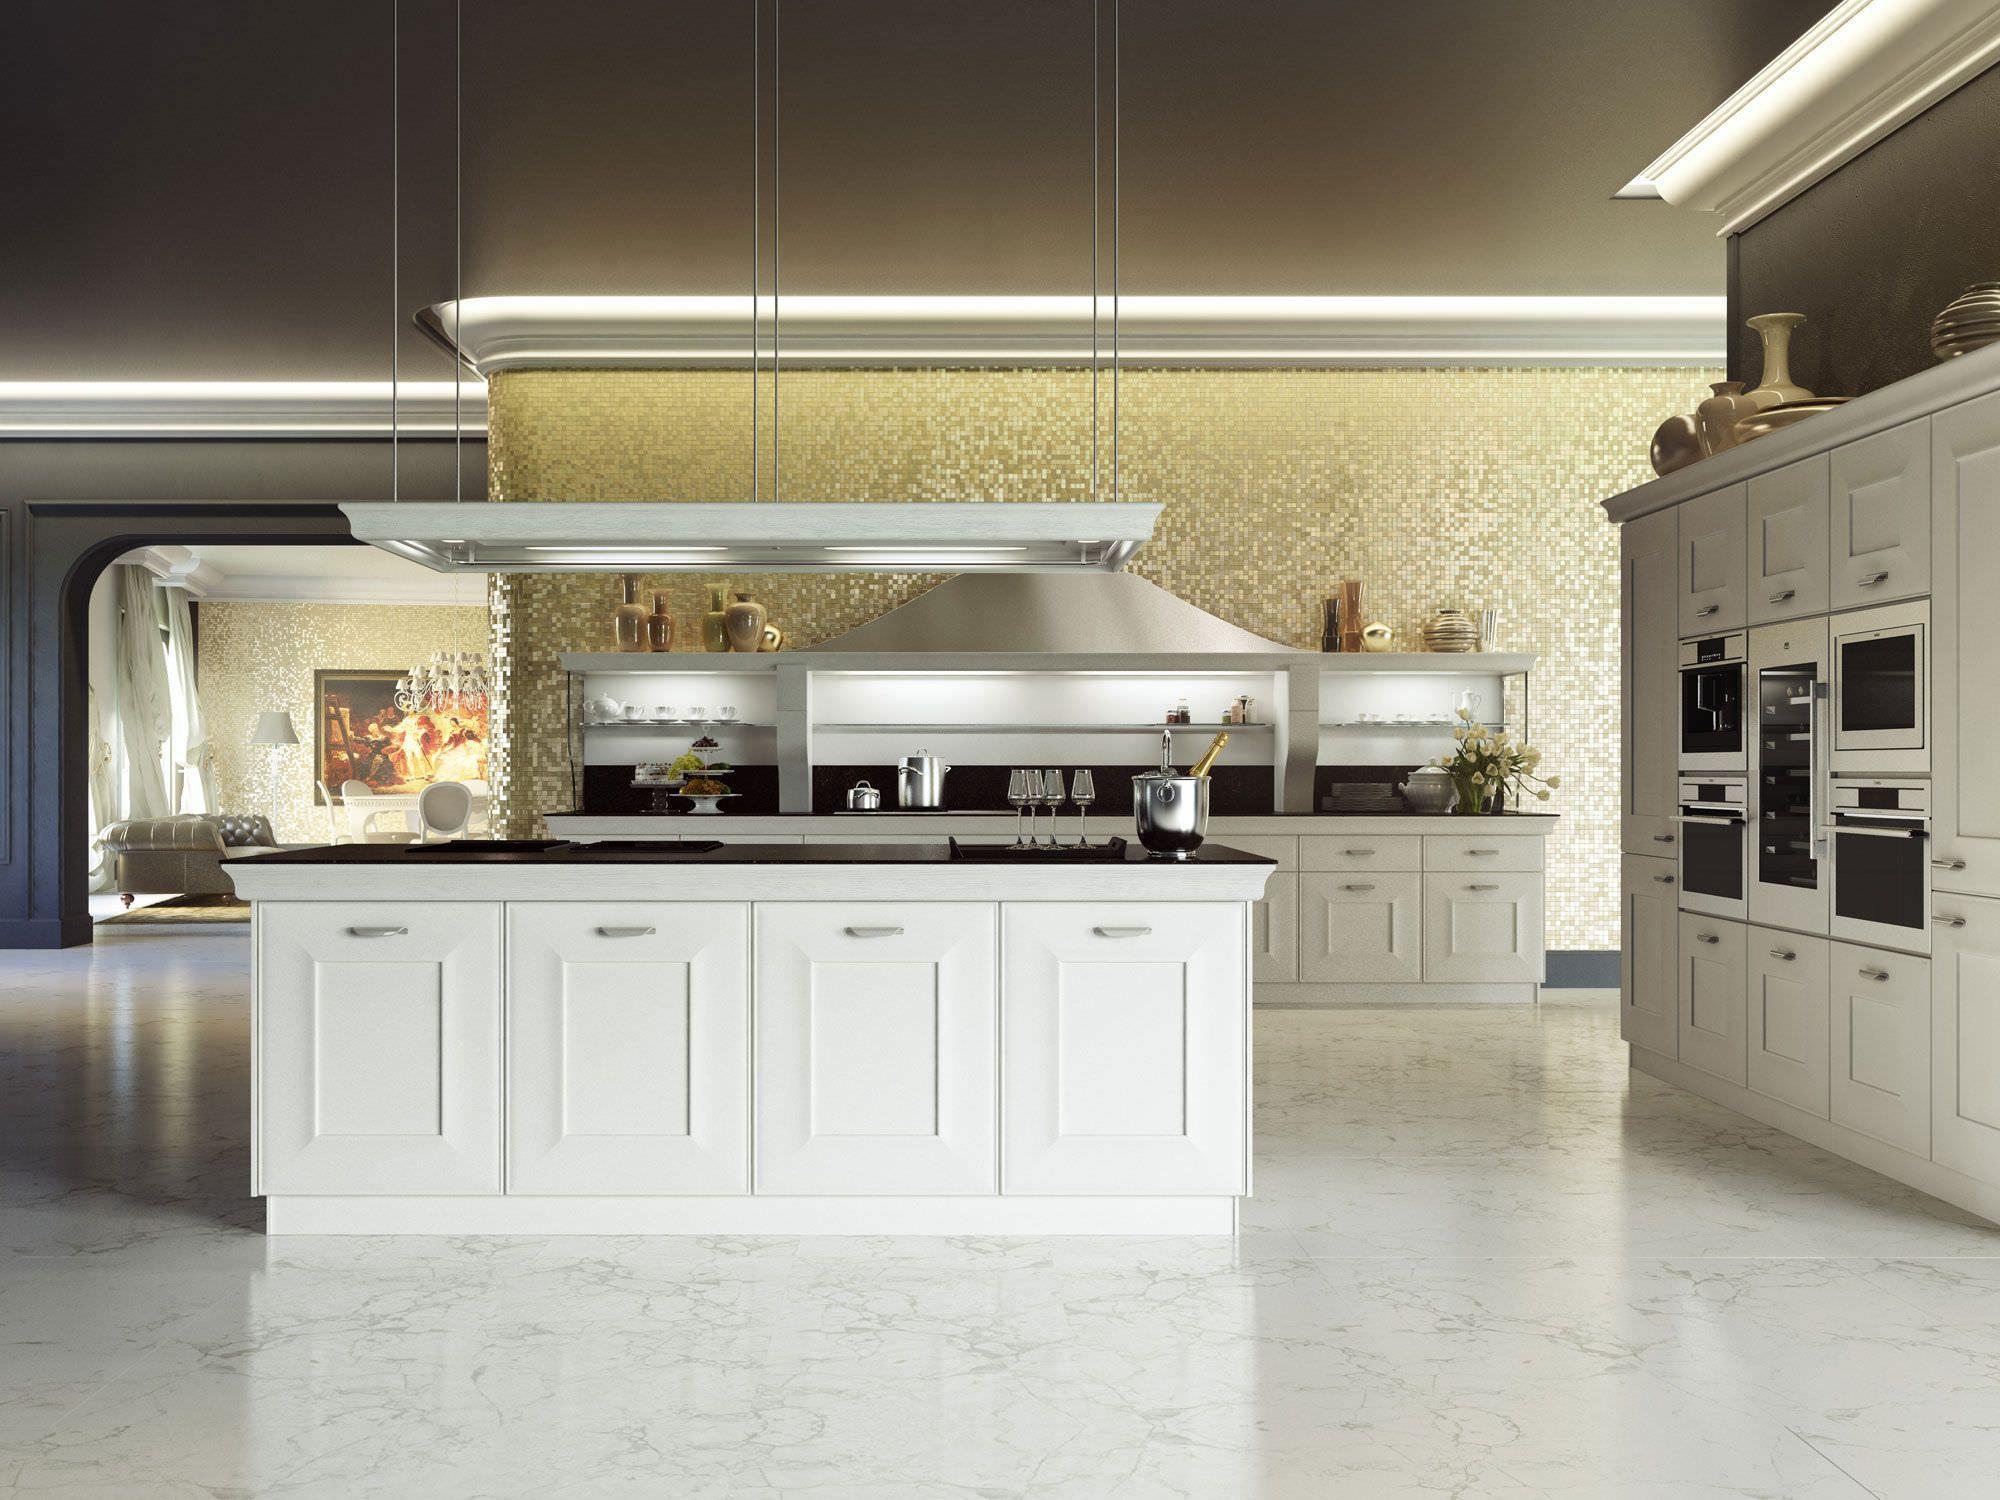 Klassische Küche klassische küche holz kochinsel lackiert gioconda by iosa